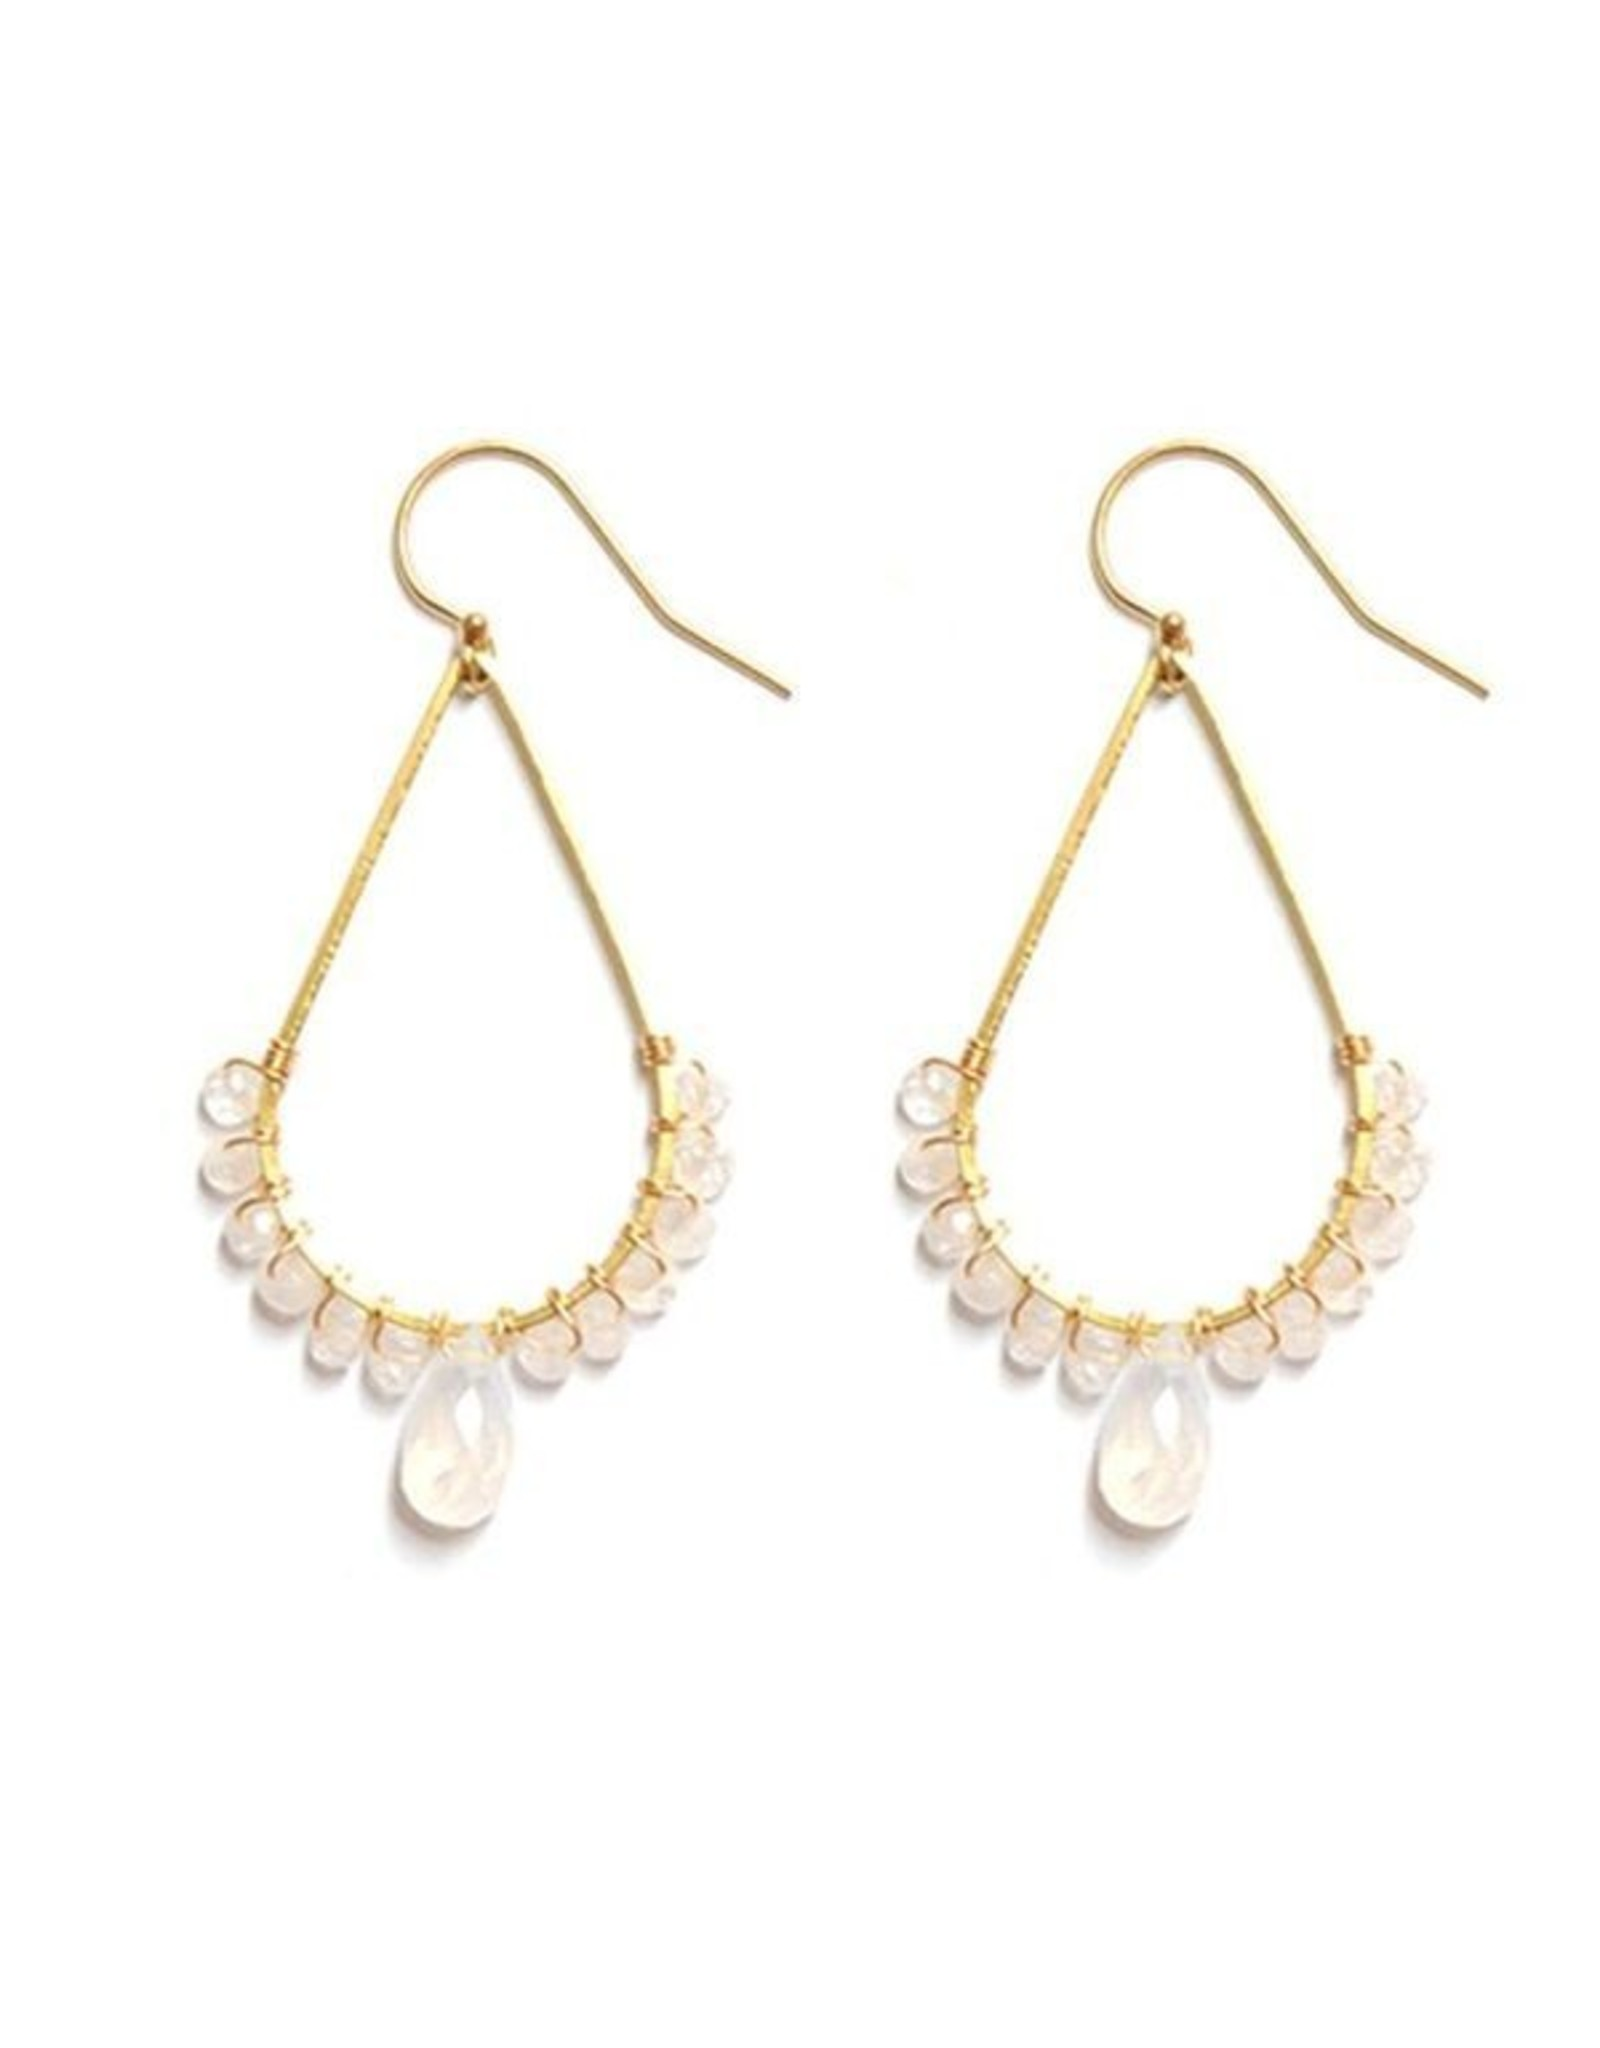 Brass Teardrop Earrings With Moonstone